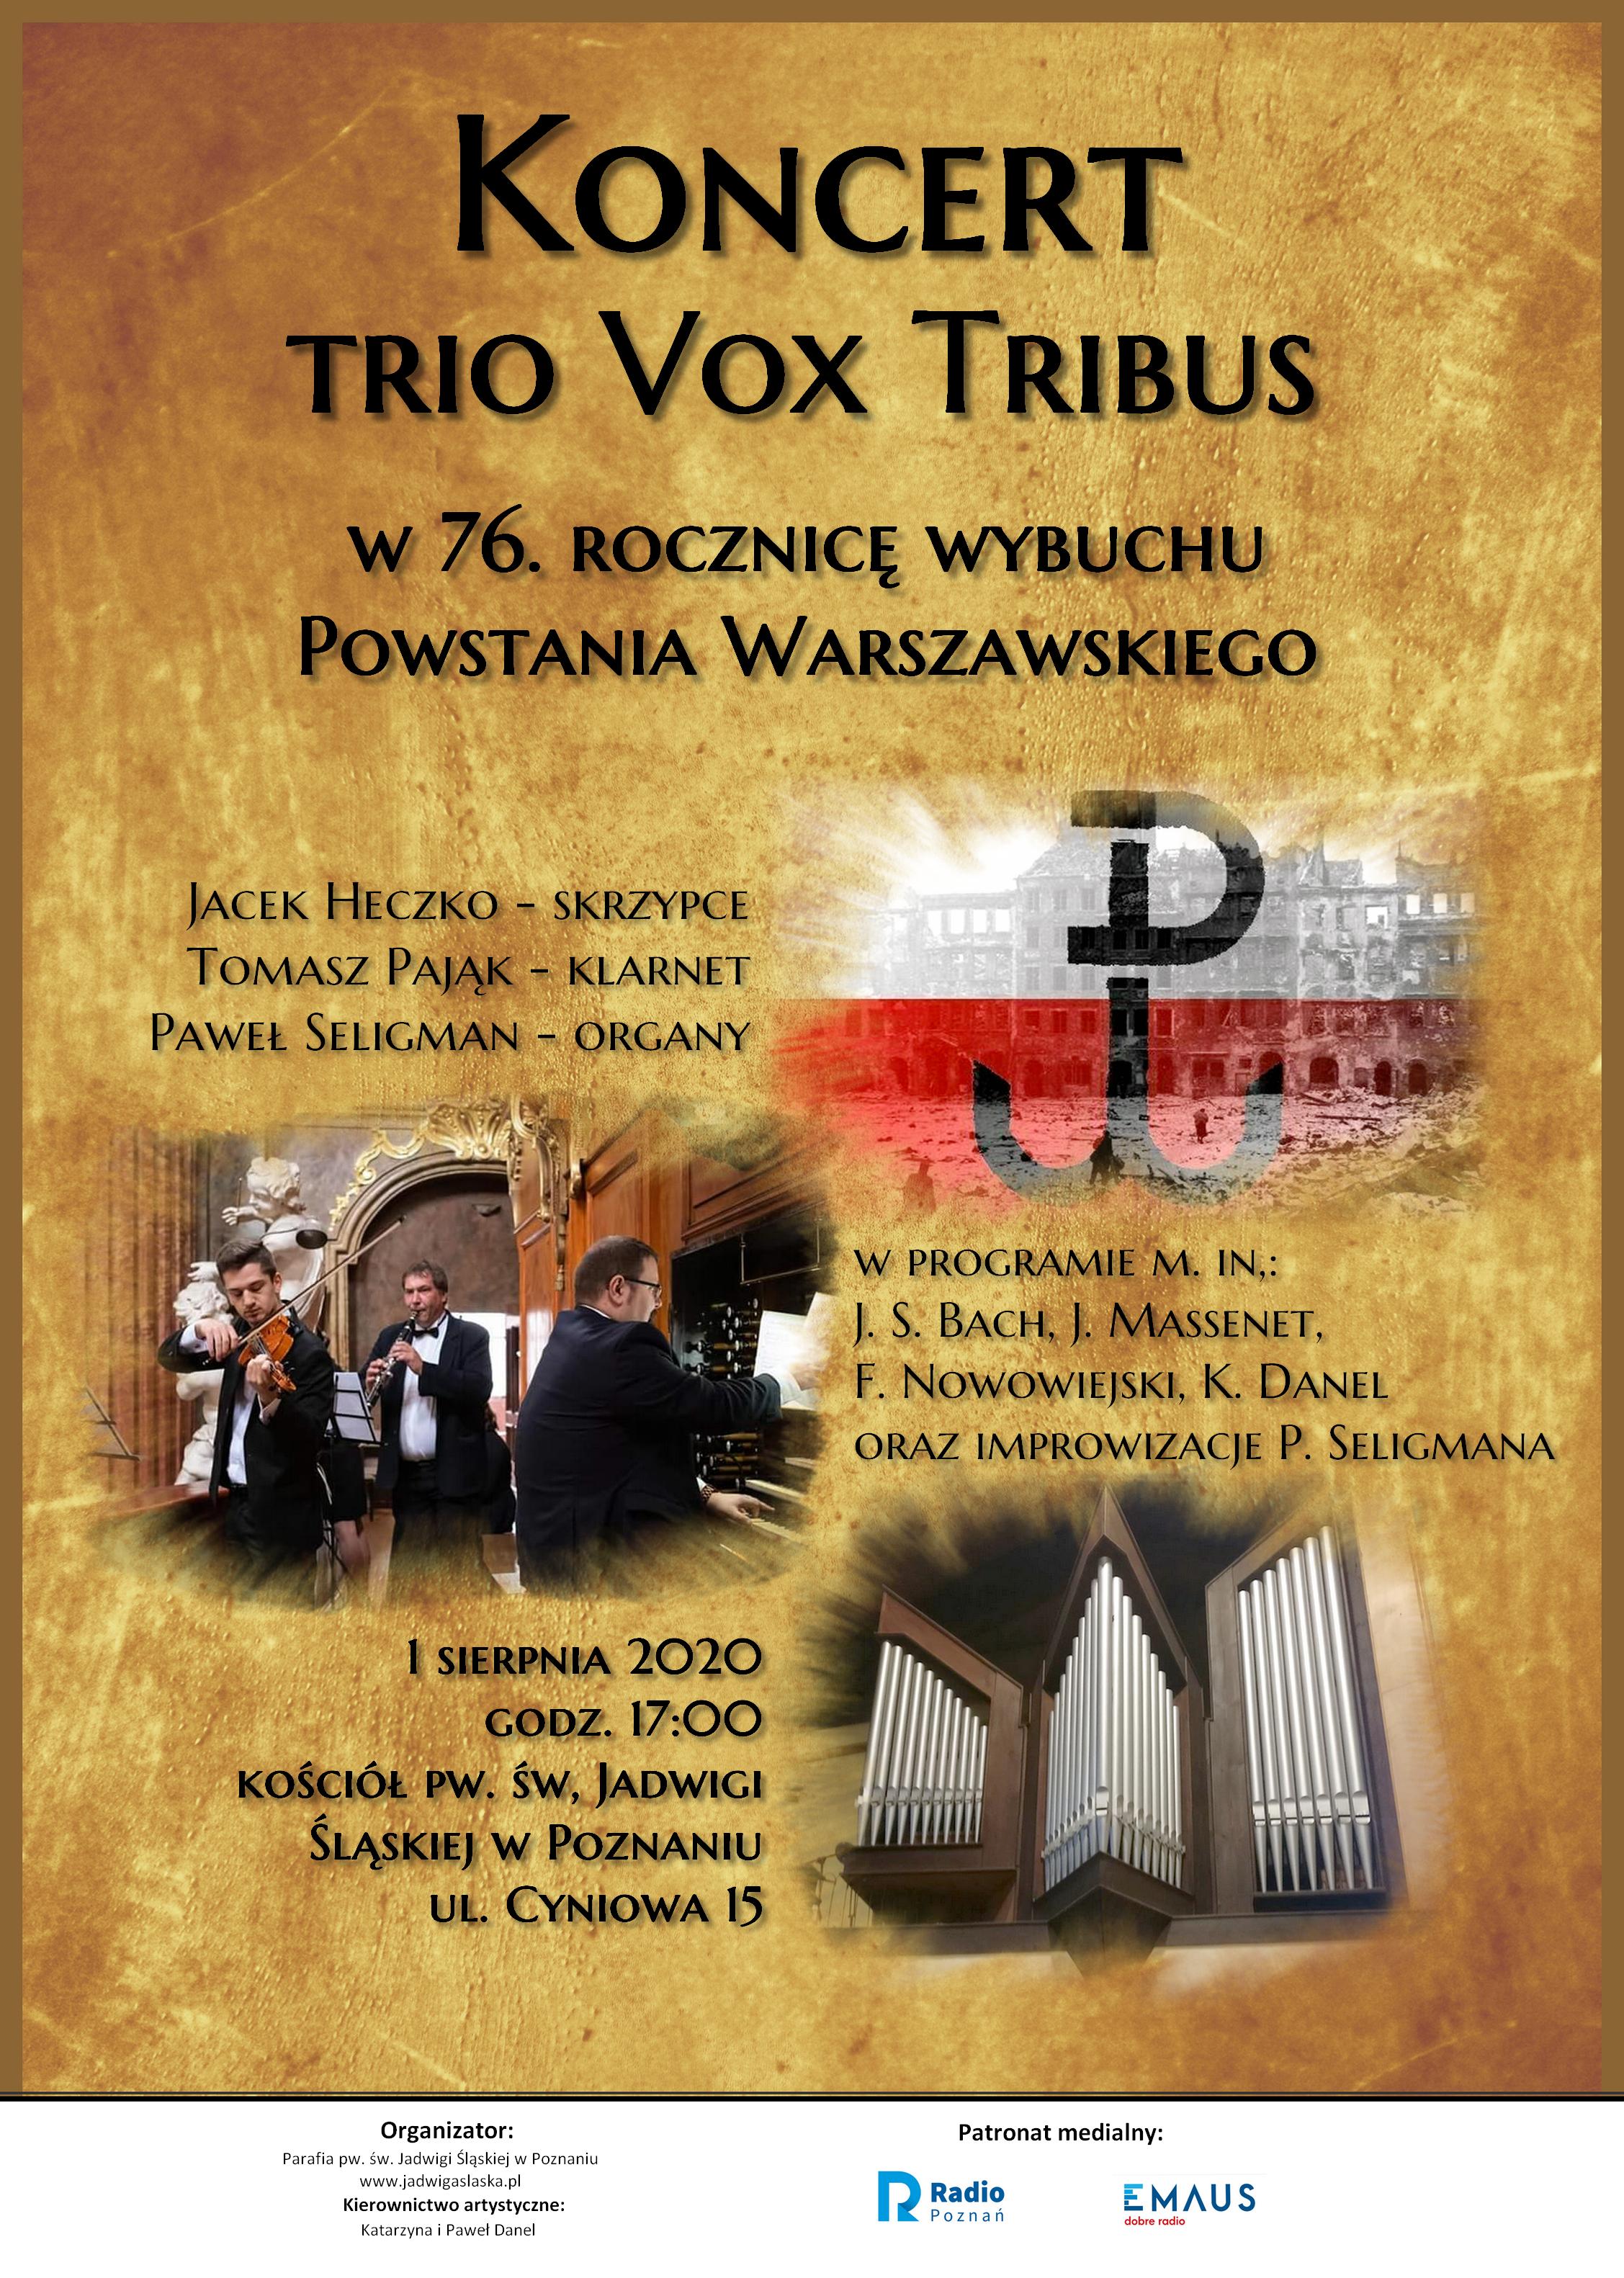 Koncert TRIO VOX TRIBUS